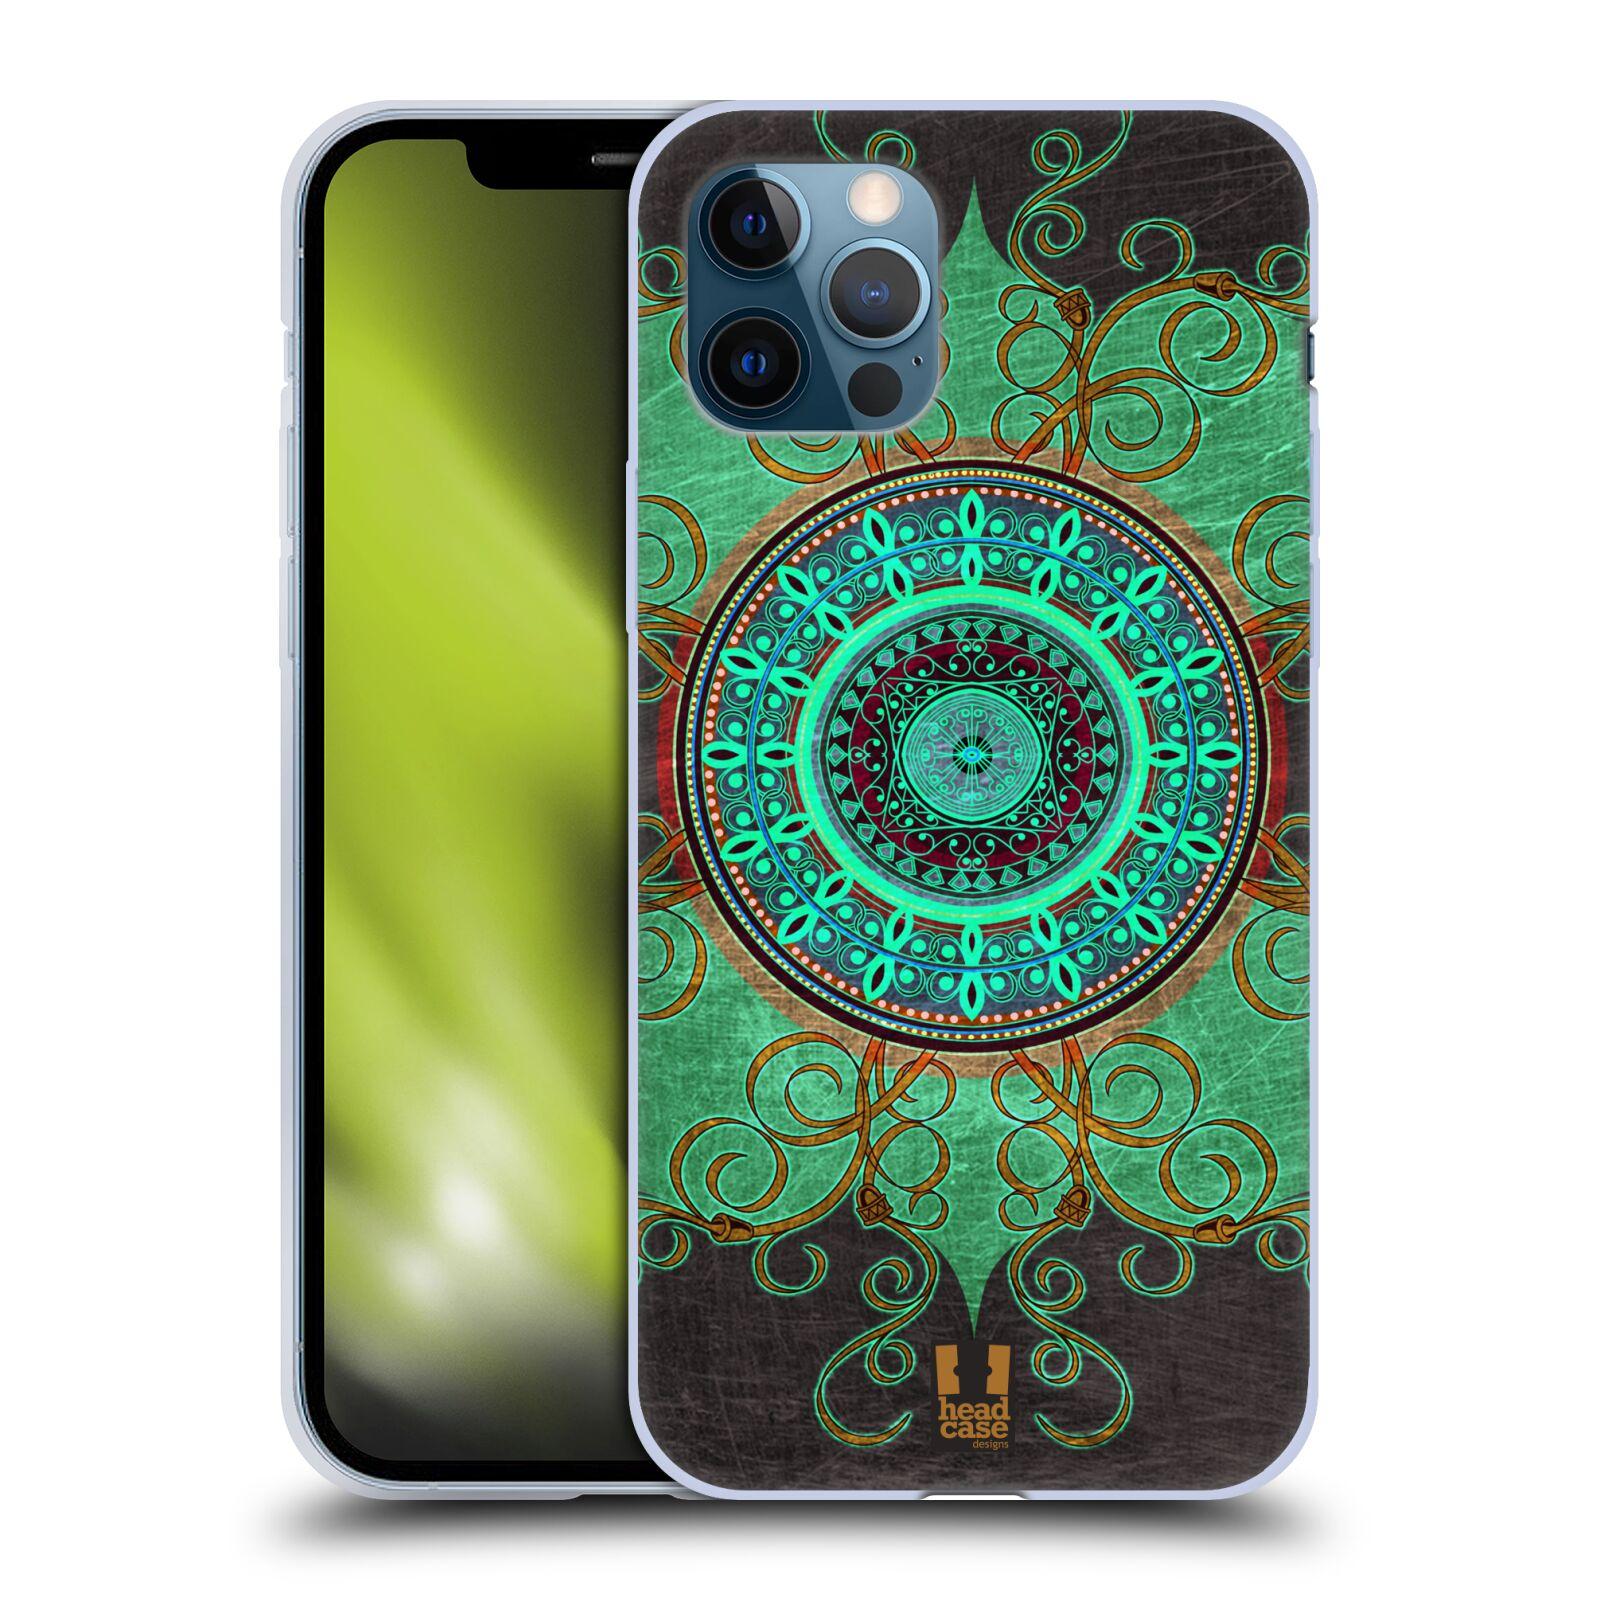 Silikonové pouzdro na mobil Apple iPhone 12 / 12 Pro - Head Case - ARAB MANDALA